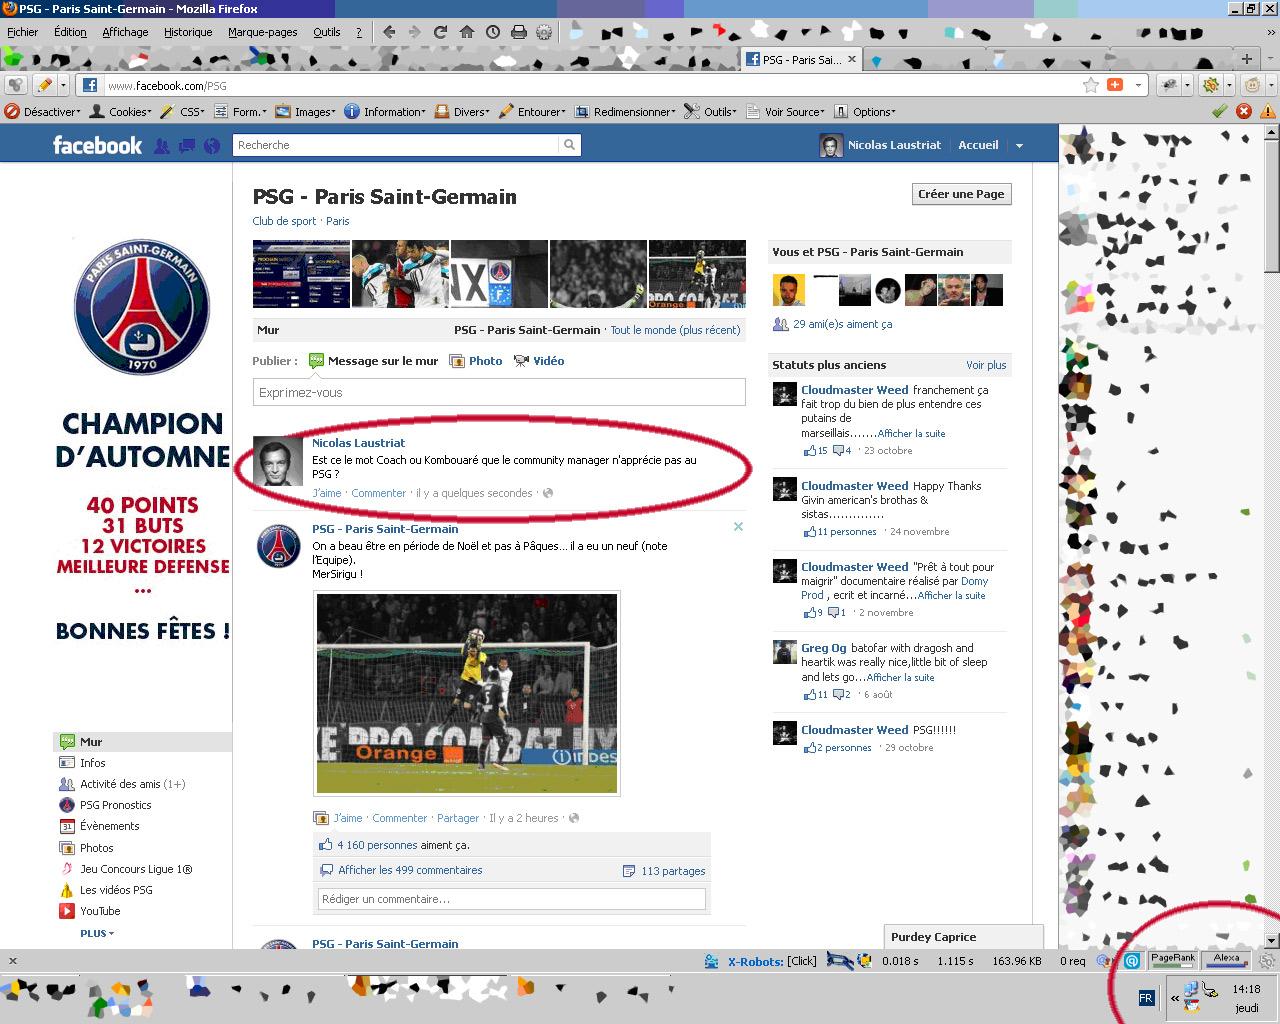 2ème post sur la Fan Page Facebook PSG